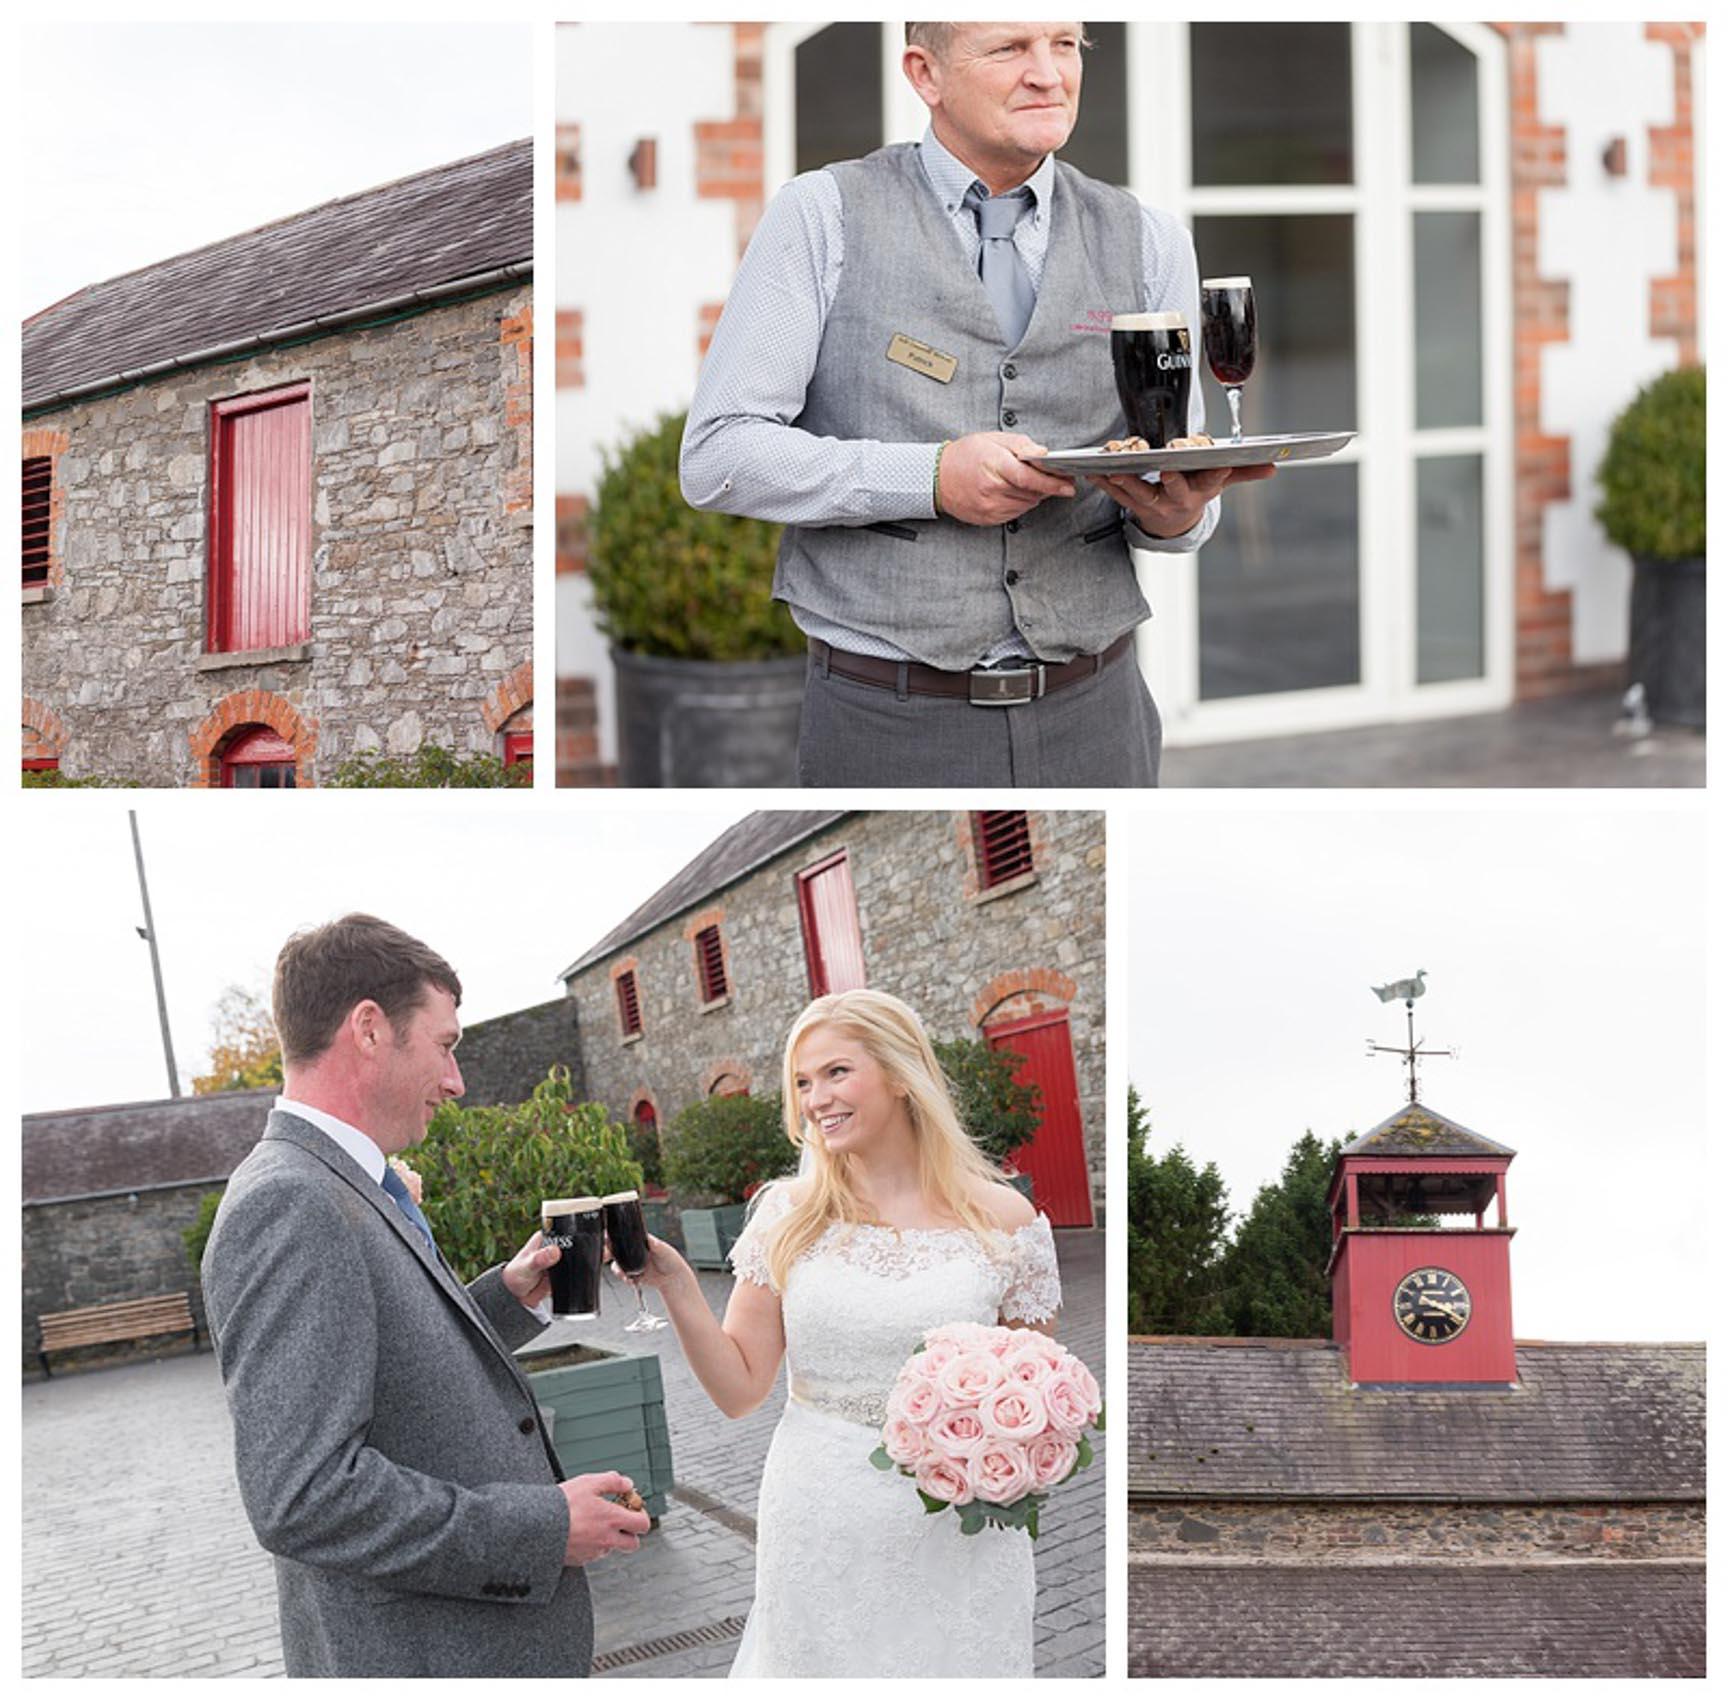 Larchfield Estate Wedding Photography by Ricky Parker Photography 45